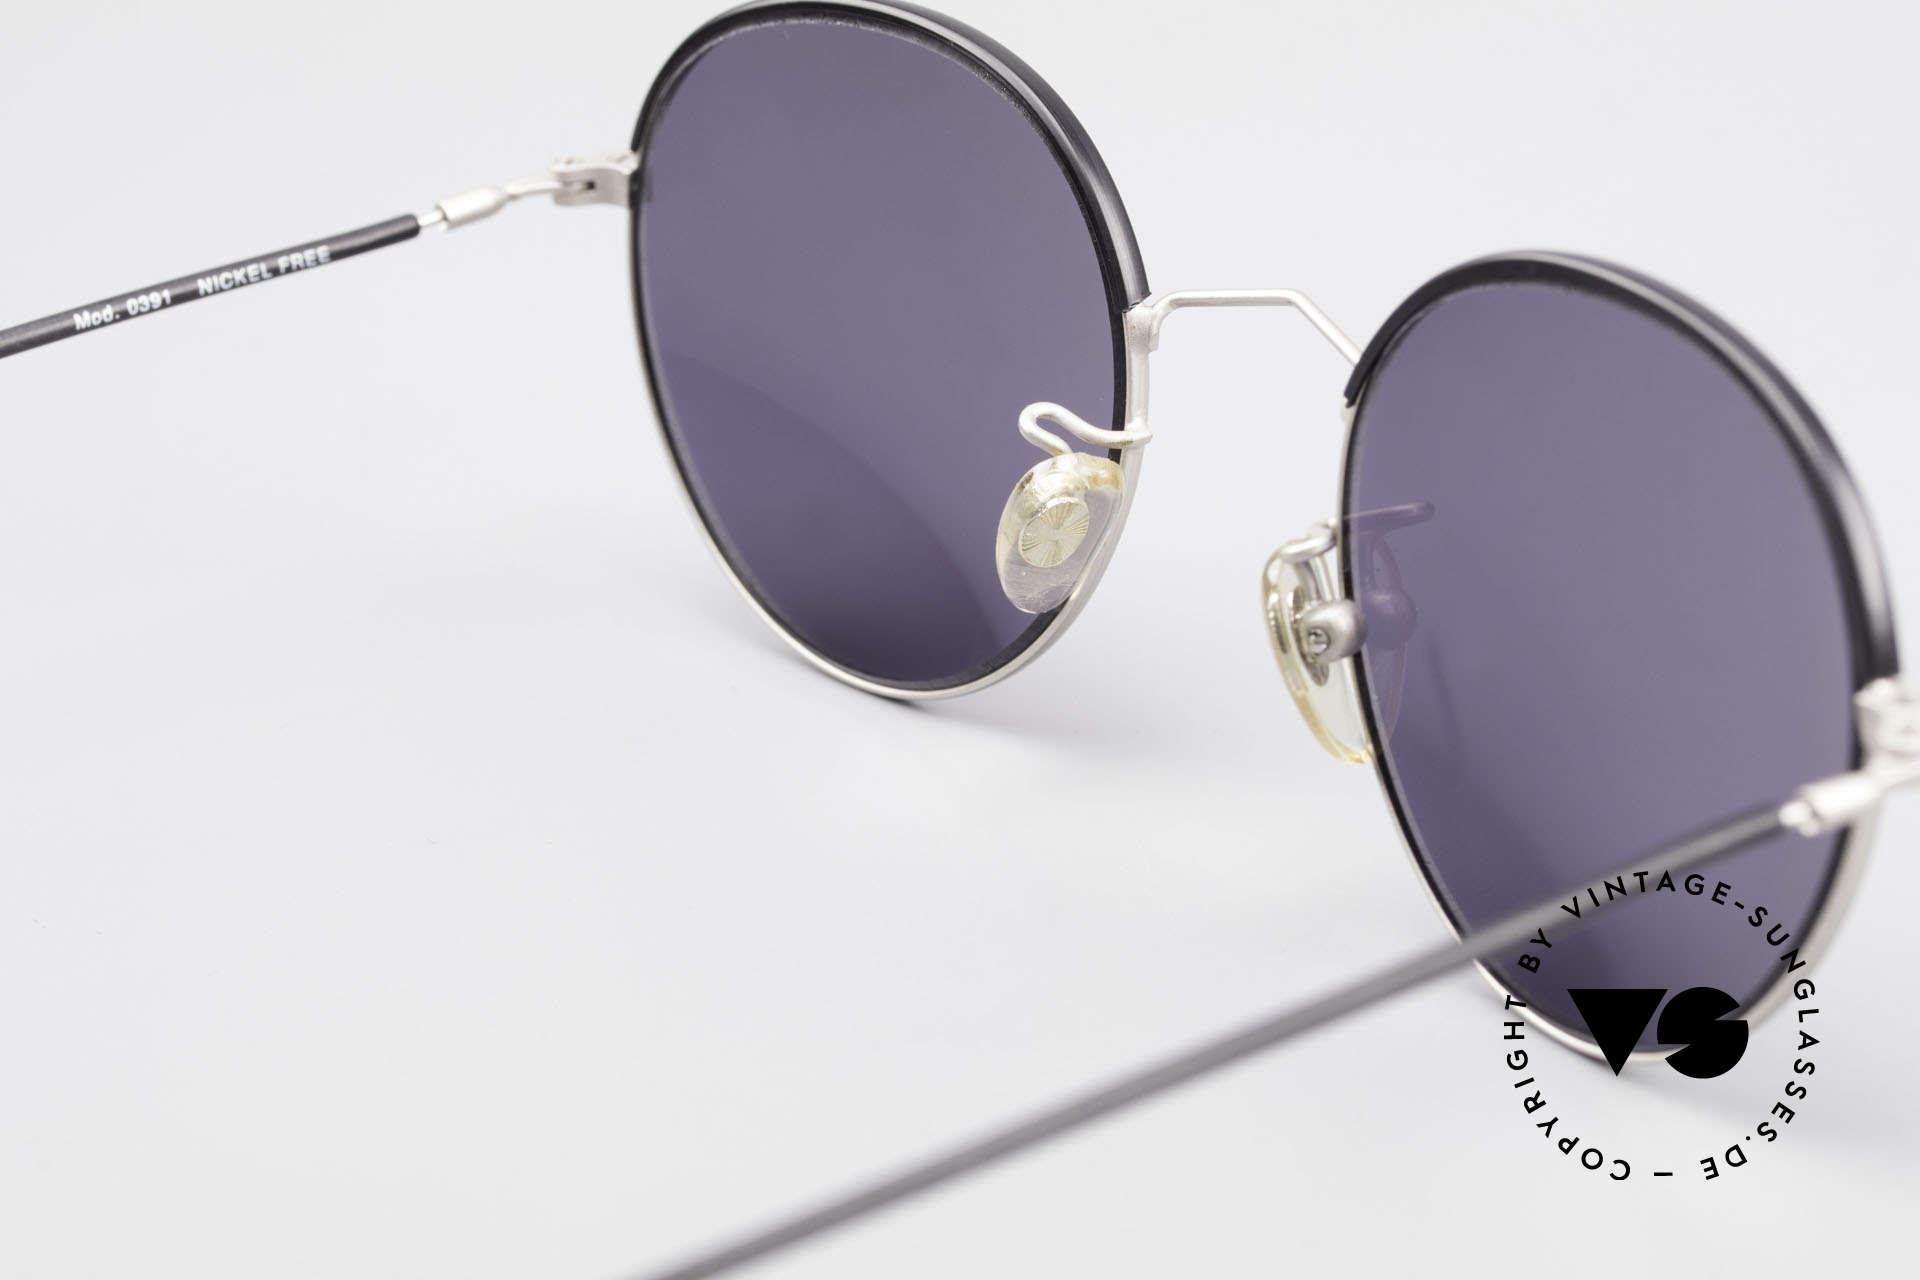 Cutler And Gross 0391 Runde Designer Pantobrille, KEINE Retrobrille, sondern ein 20 Jahre altes Original!, Passend für Herren und Damen